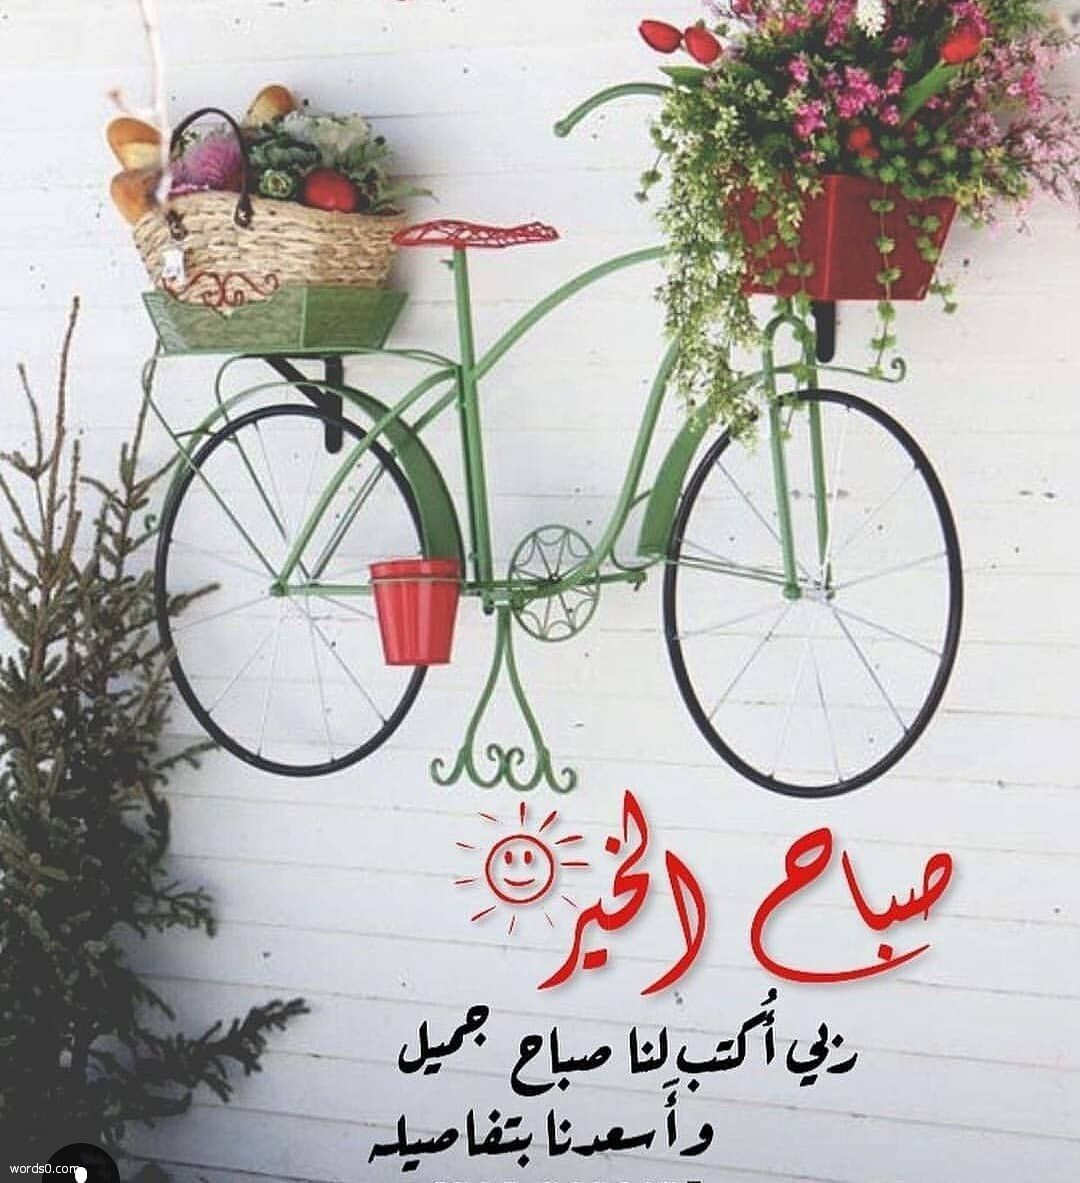 رمزيات صباح الخير صور مكتوب عليها صباح الخير موقع كلمات Morning Greeting Morning Greetings Quotes Garden Decor